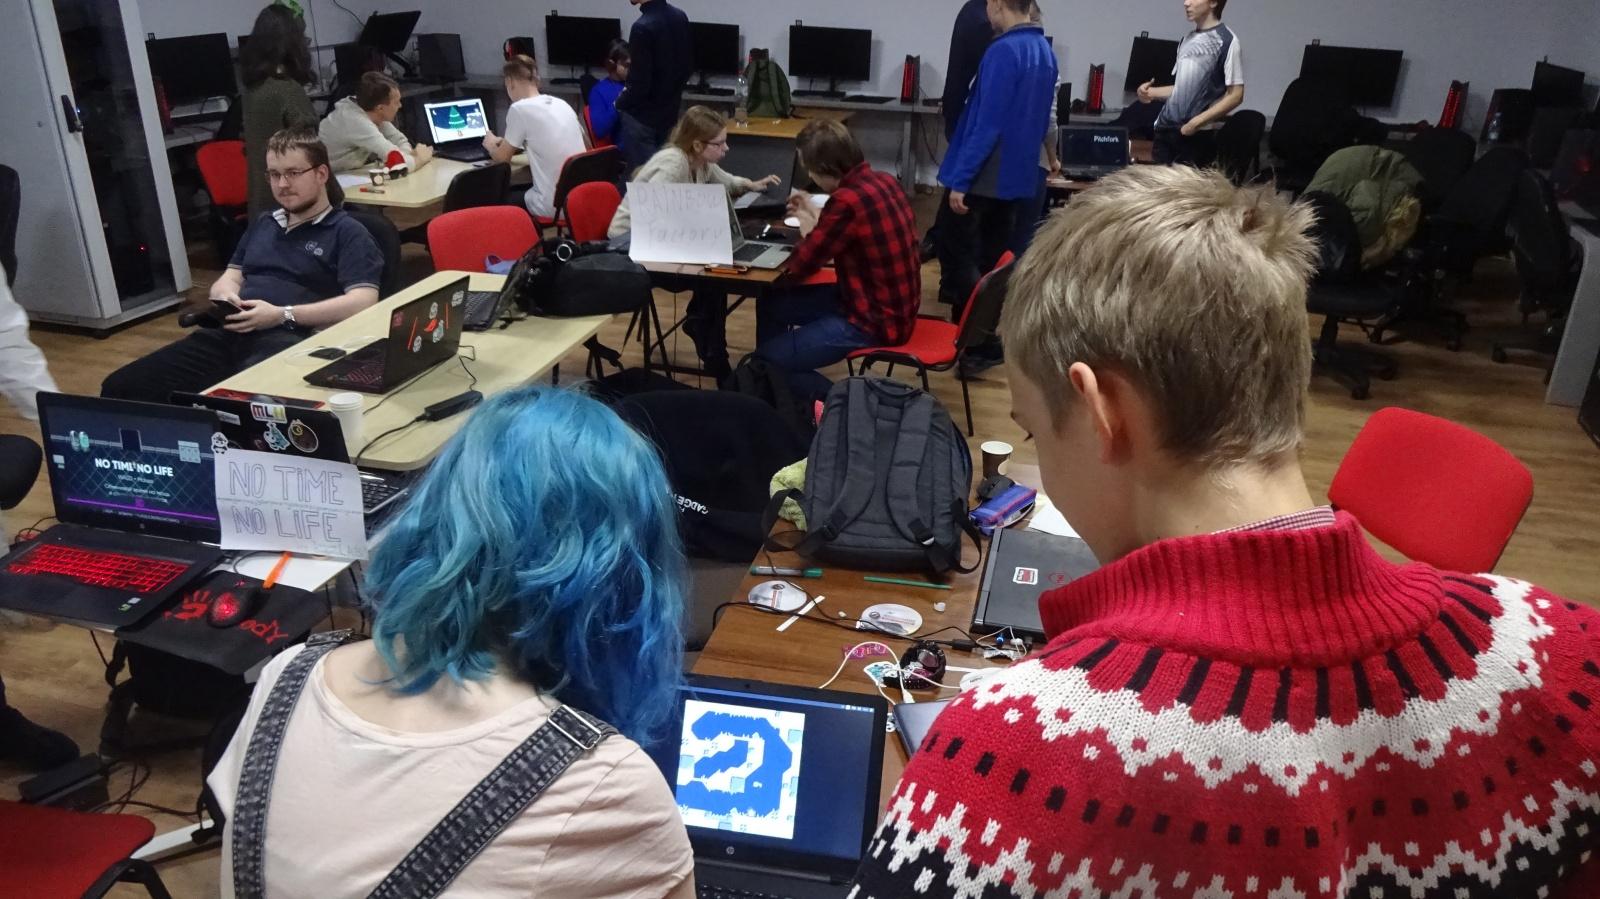 Участники облепили ноутбук с запущенной игрой Jlim - игрой, запускаемой на той самой PICO-8